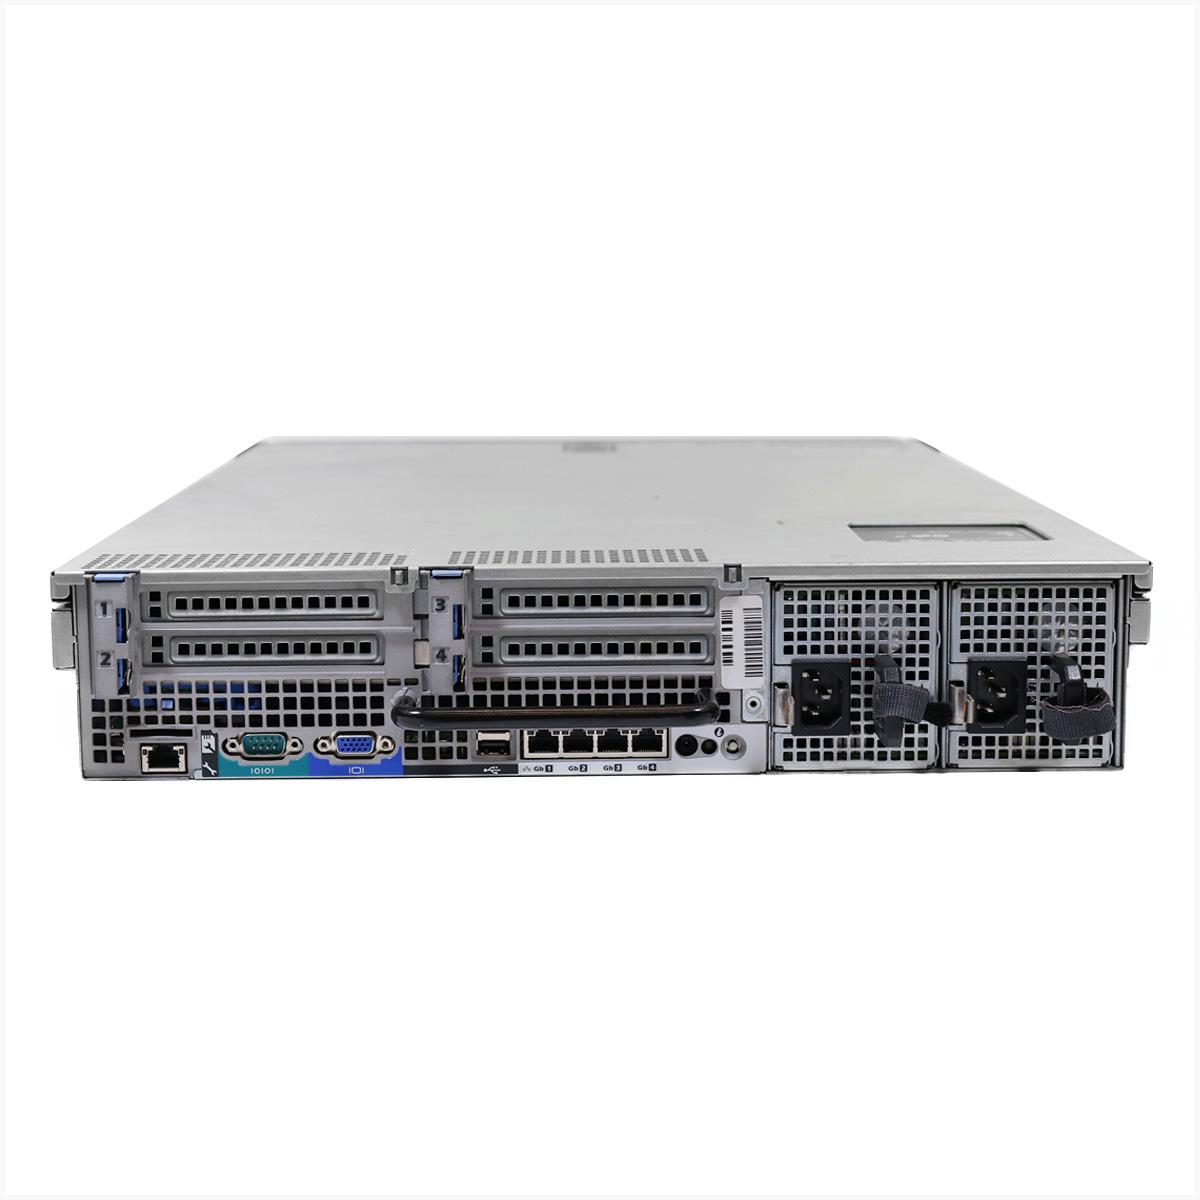 Servidor dell r710 xeon x5675 64gb 2x 1tb sas - usado